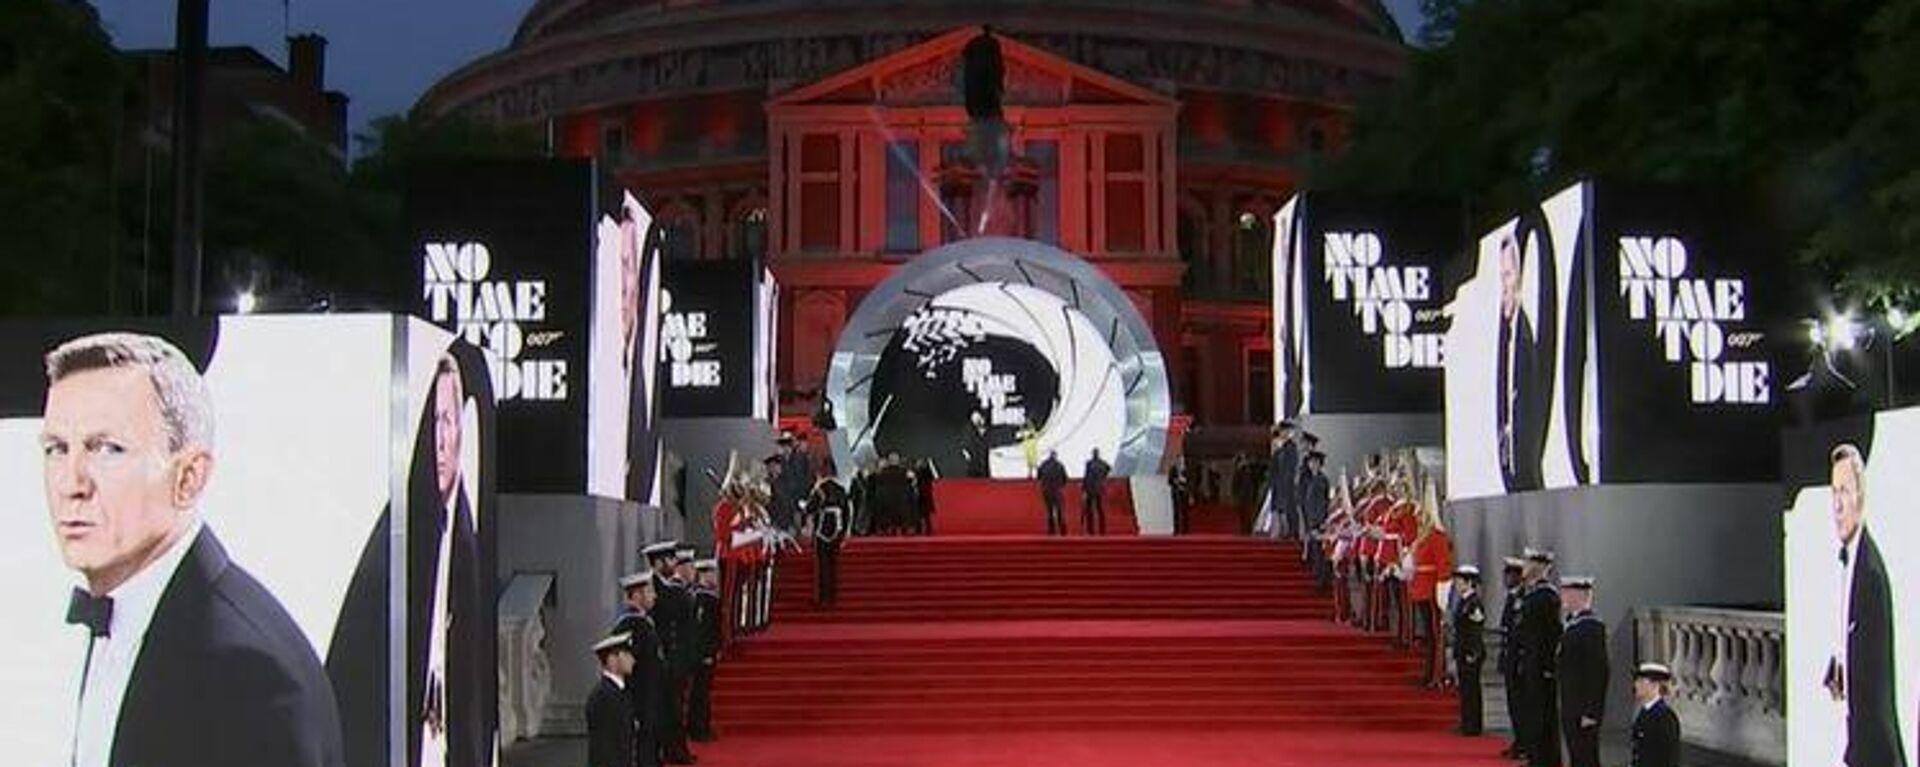 Η πρεμιέρα της νέας ταινίας του Τζέημς Μποντ No Time To Die - Sputnik Ελλάδα, 1920, 29.09.2021